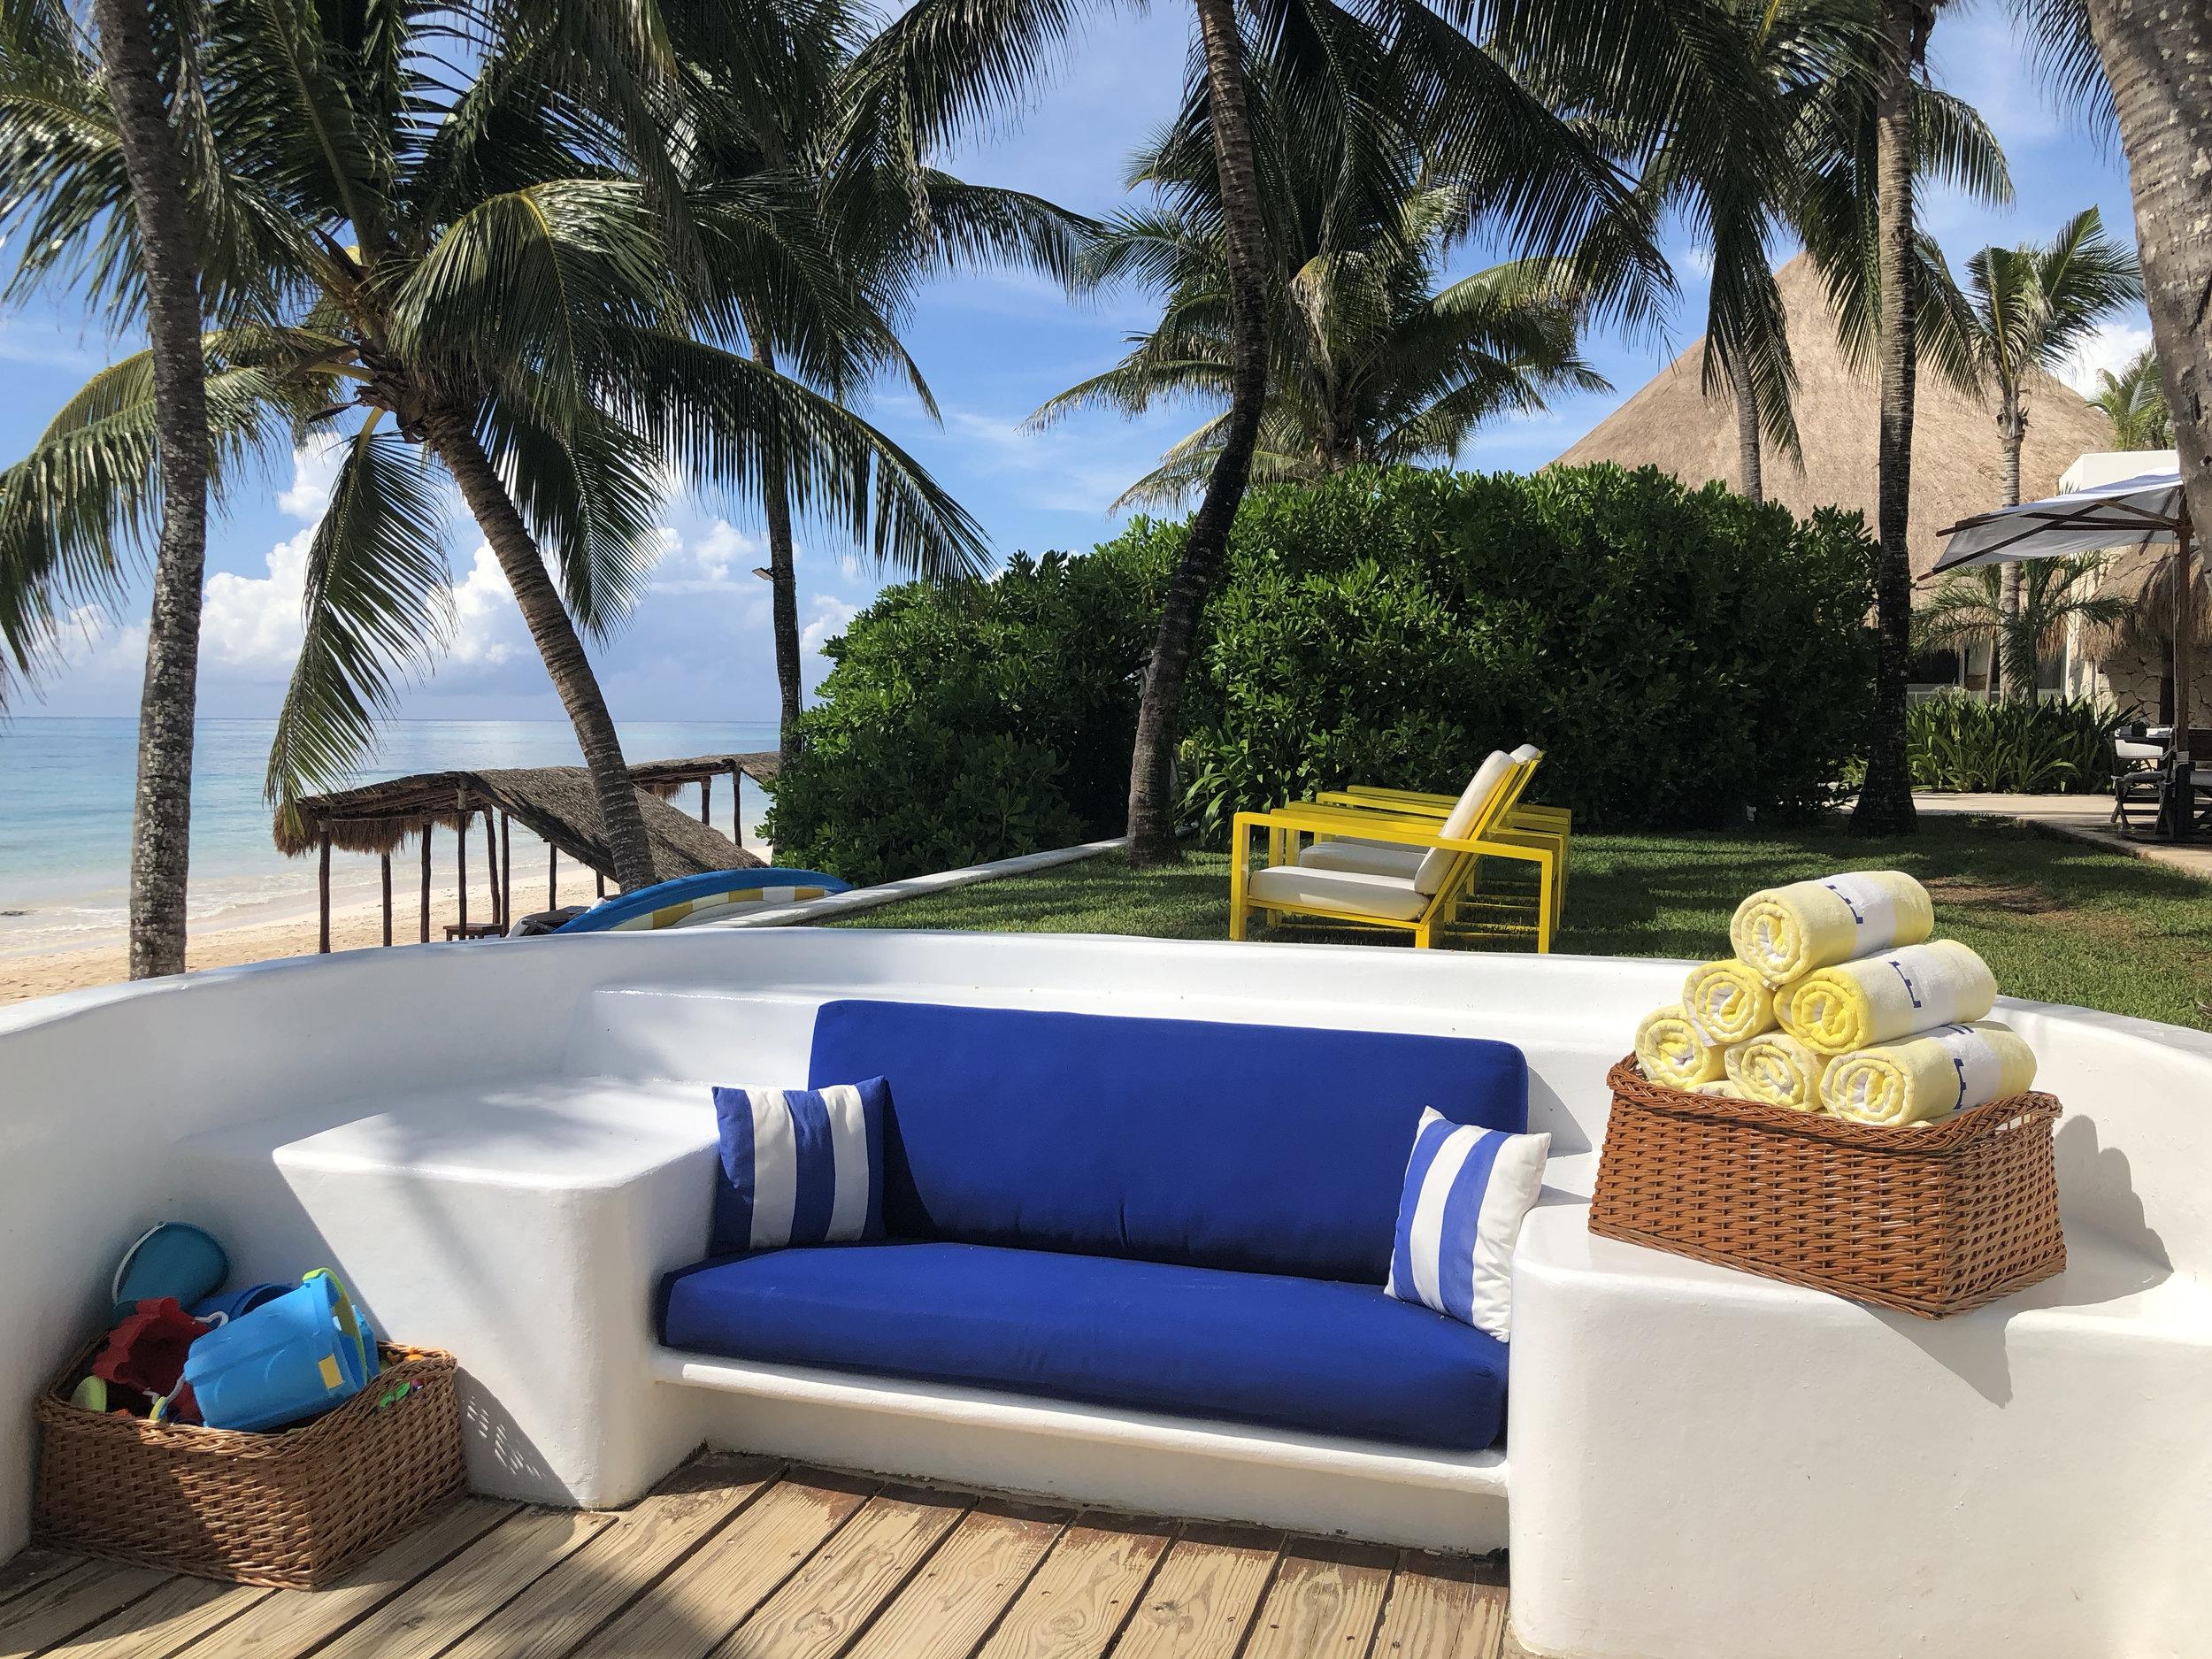 Wanderlust-Travel-blog-Hotel-Esencia-beach